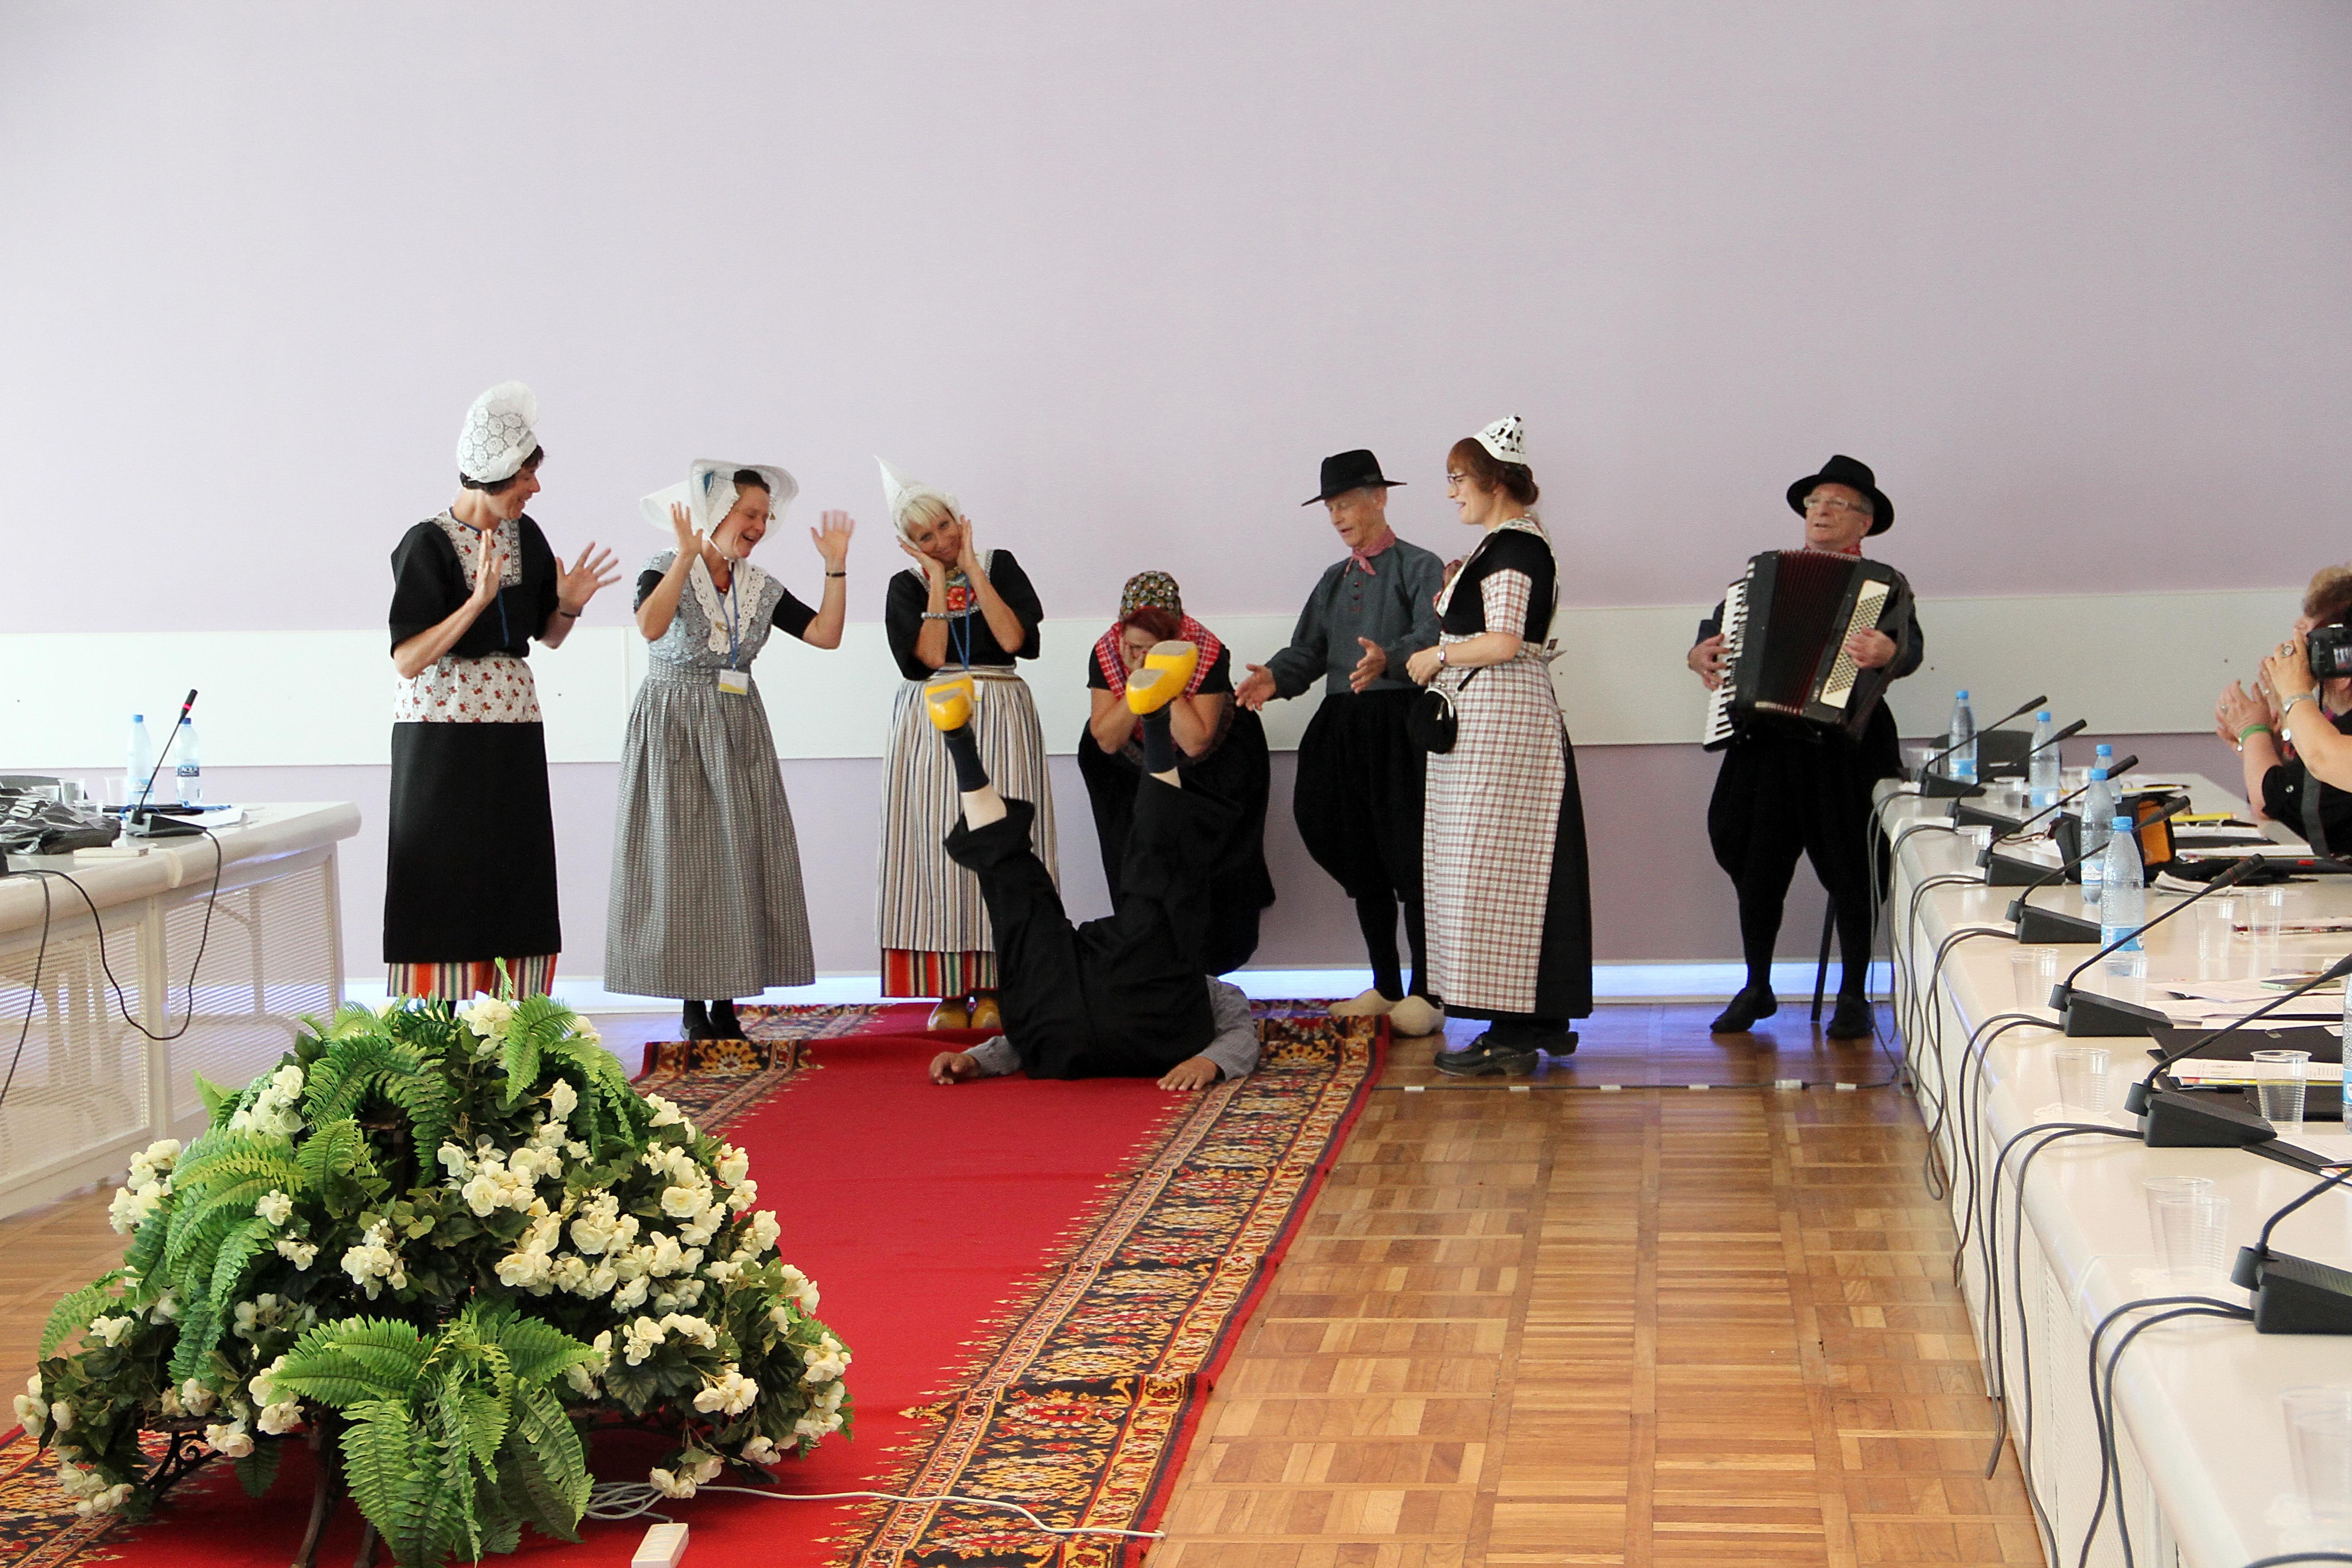 """Zarjanka: """"Reus"""" tentoonstelling  op de conferentie in Svjetlogorsk in Rusland op 13.08.2014"""